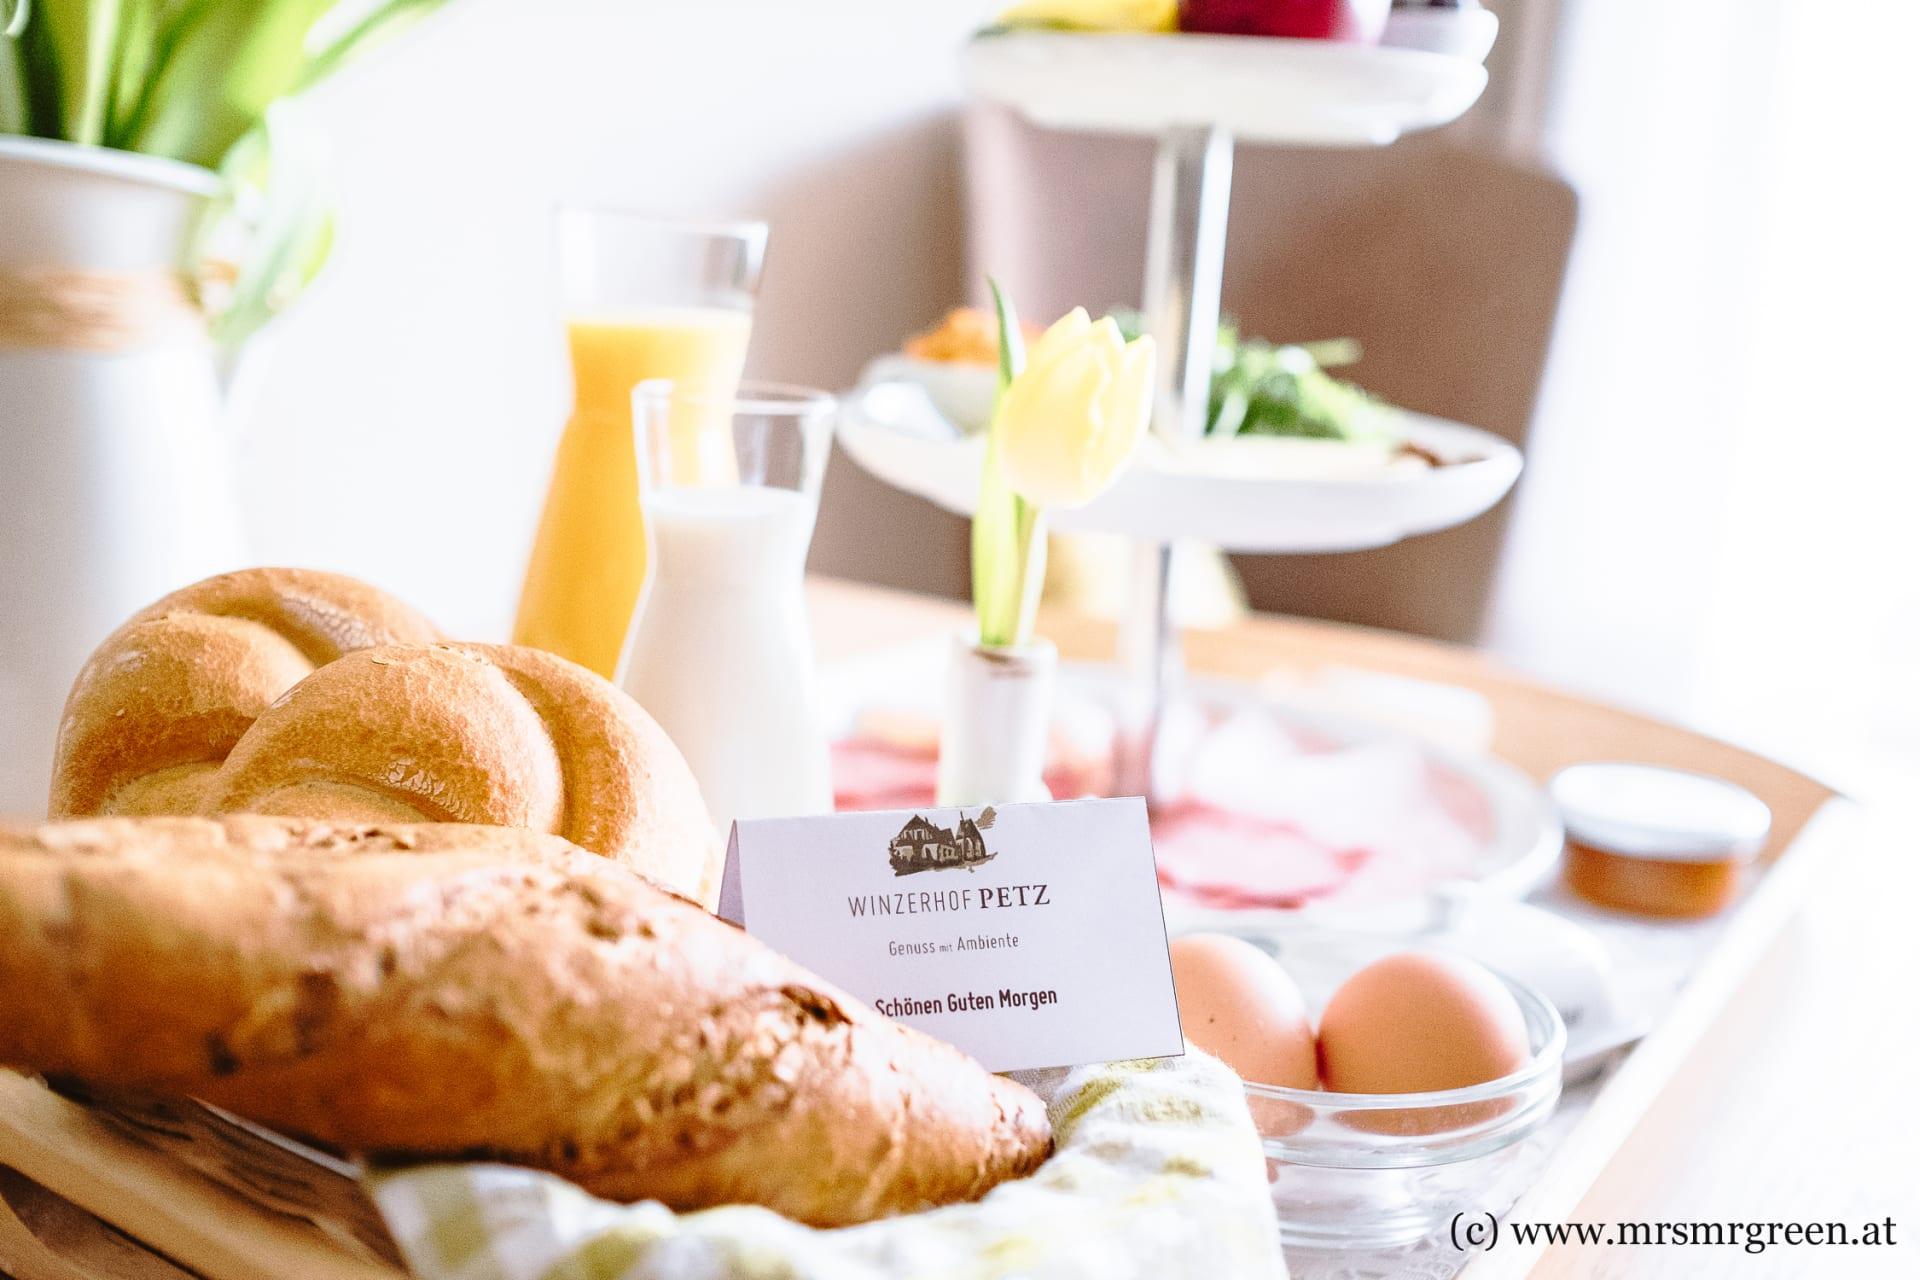 Winzerhof Petz - Frühstückskorb